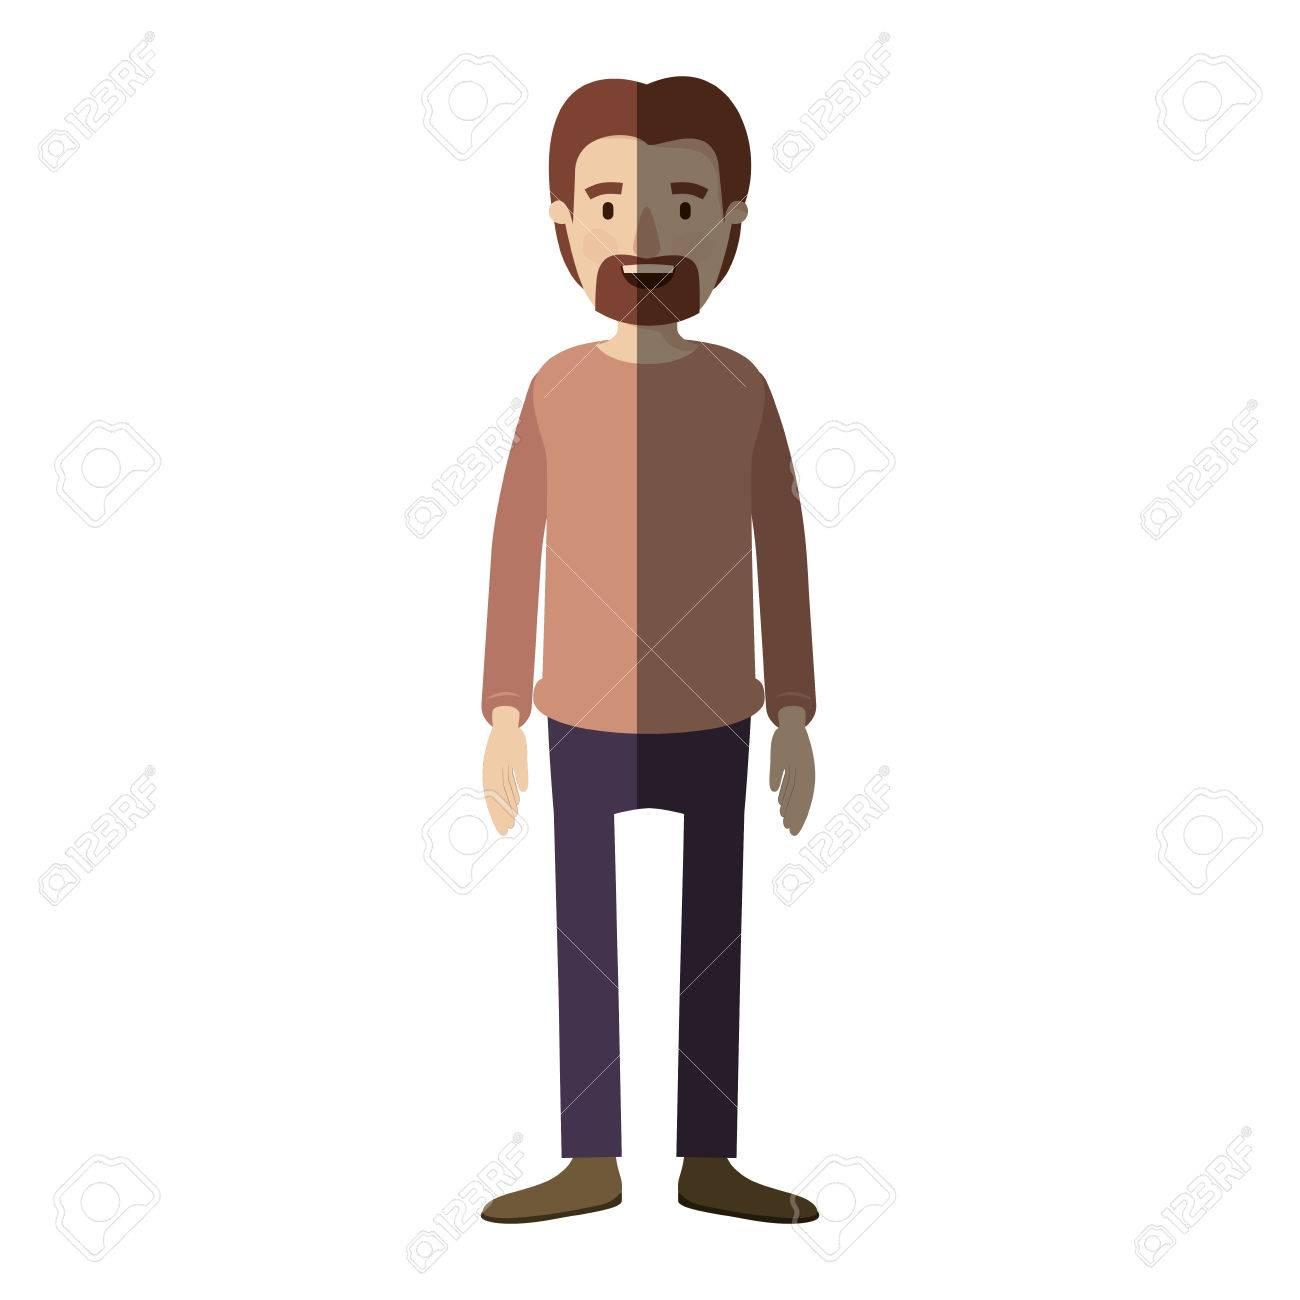 Color Claro Sombreado Caricatura Cuerpo Completo Persona Masculina